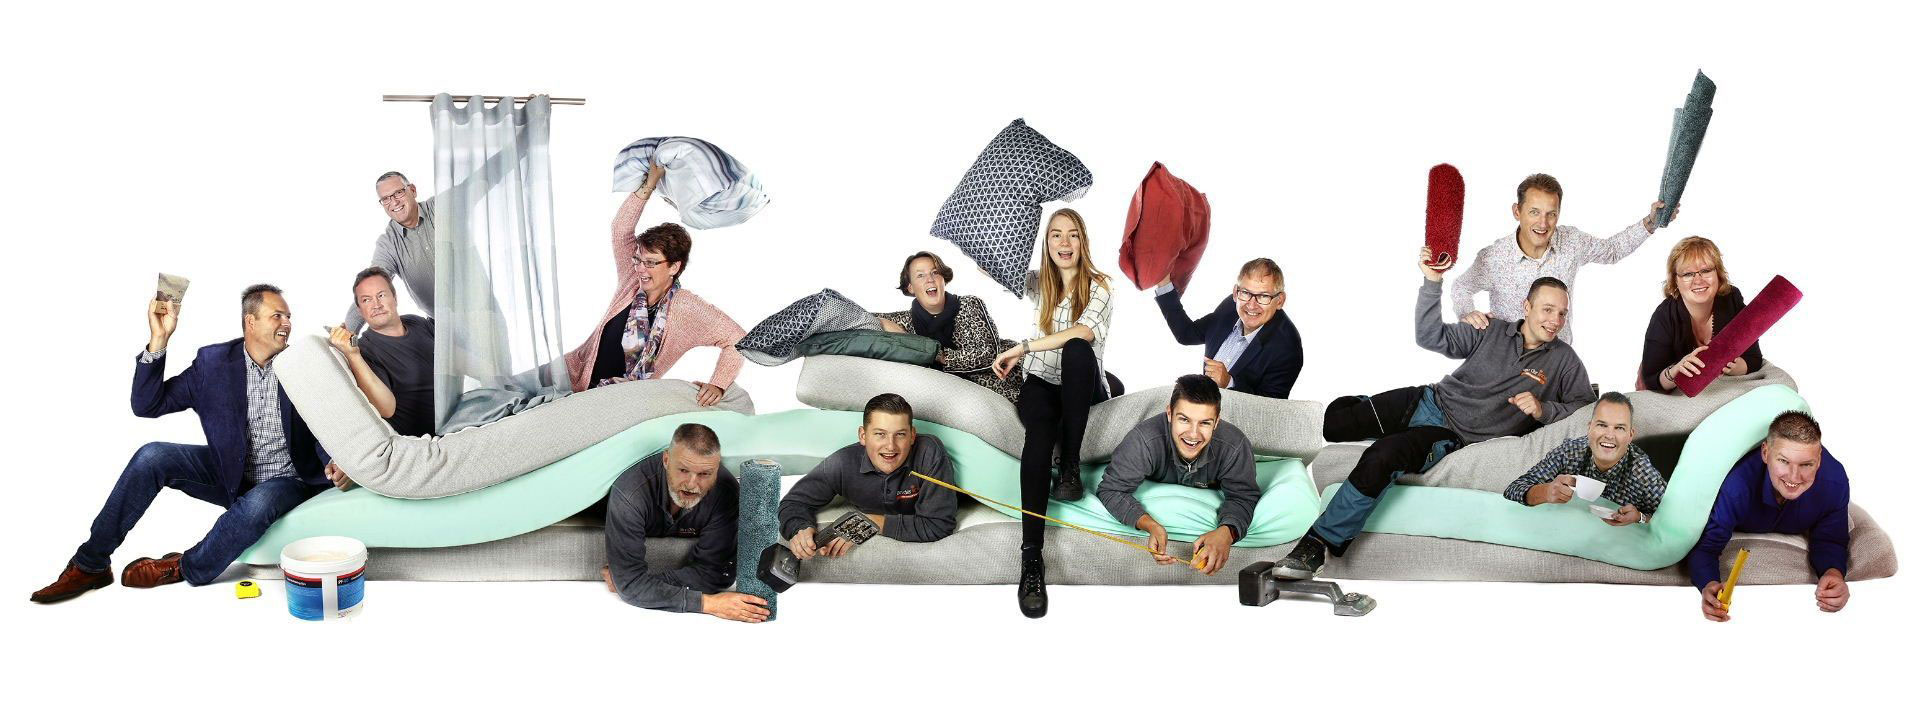 Morgana Waddinxveen teamfoto